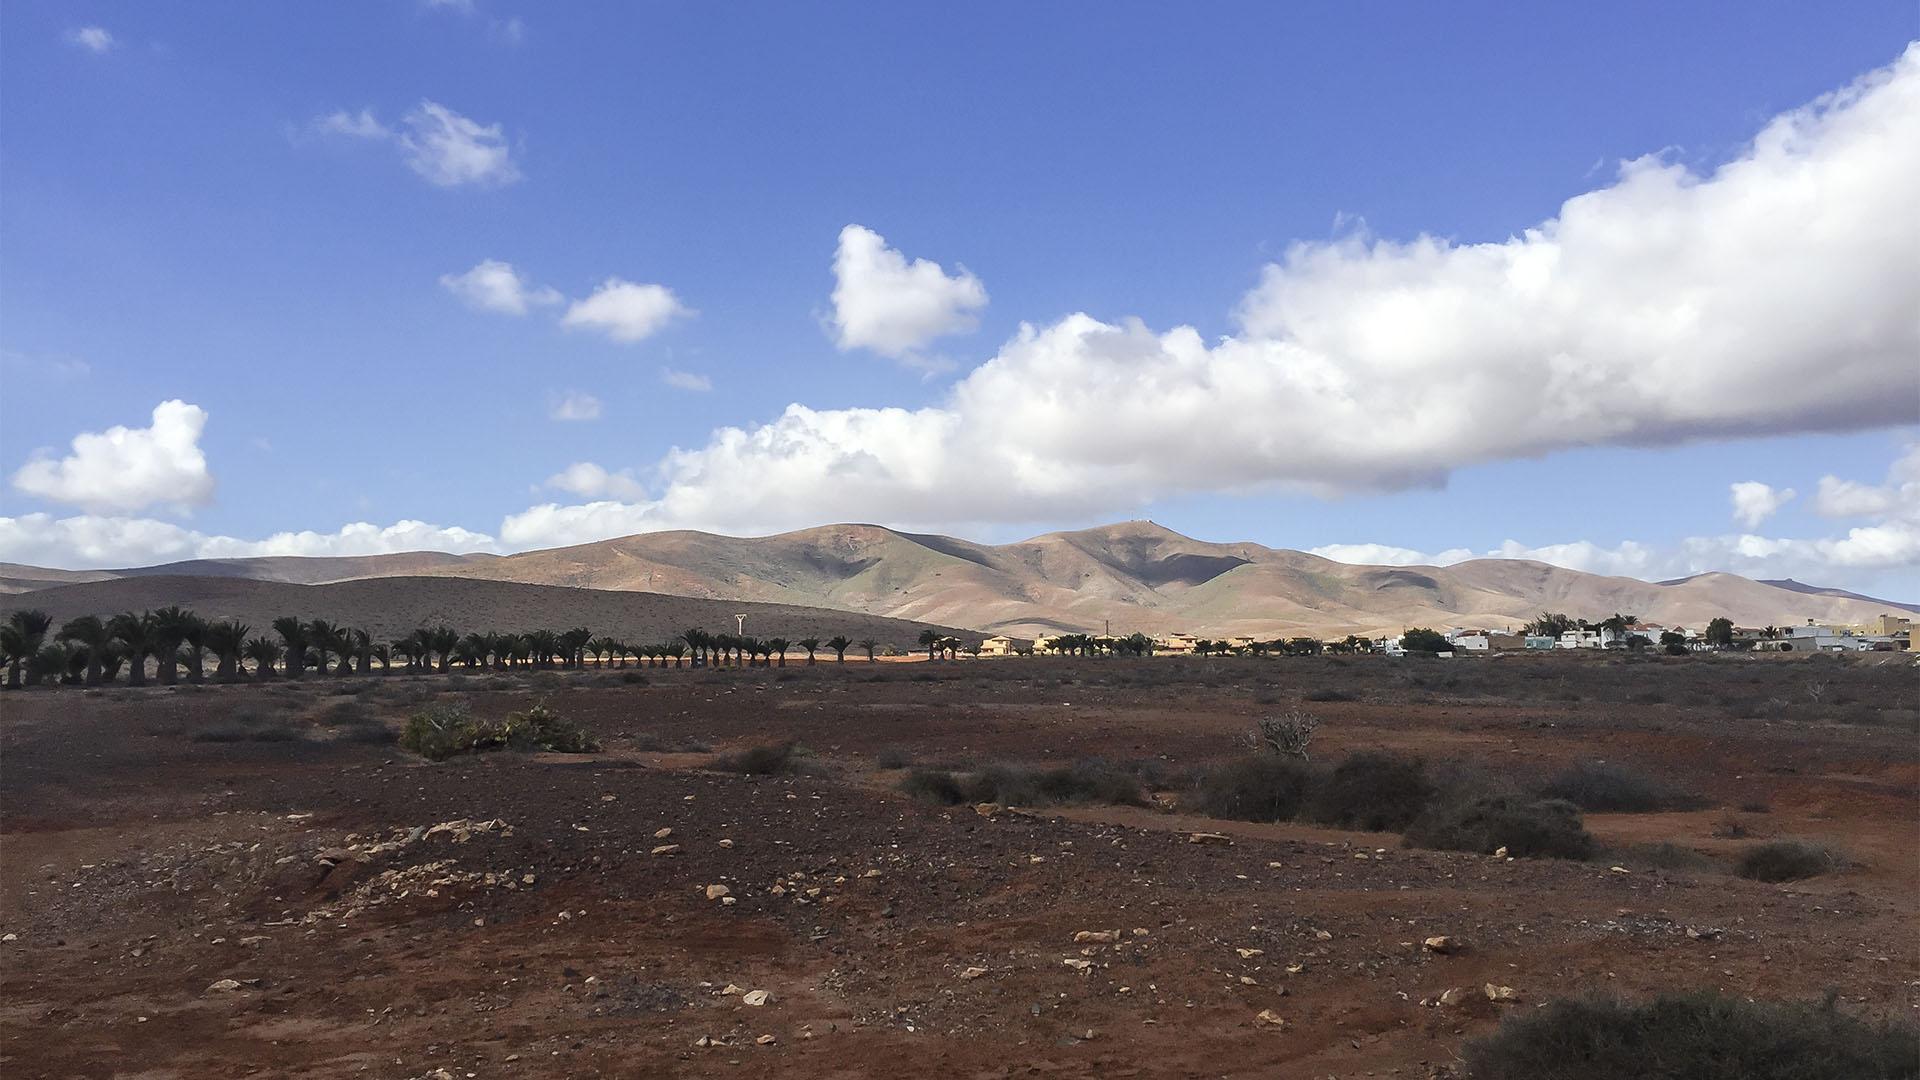 Die Ebene des Valles de Ortega Fuerteventura.